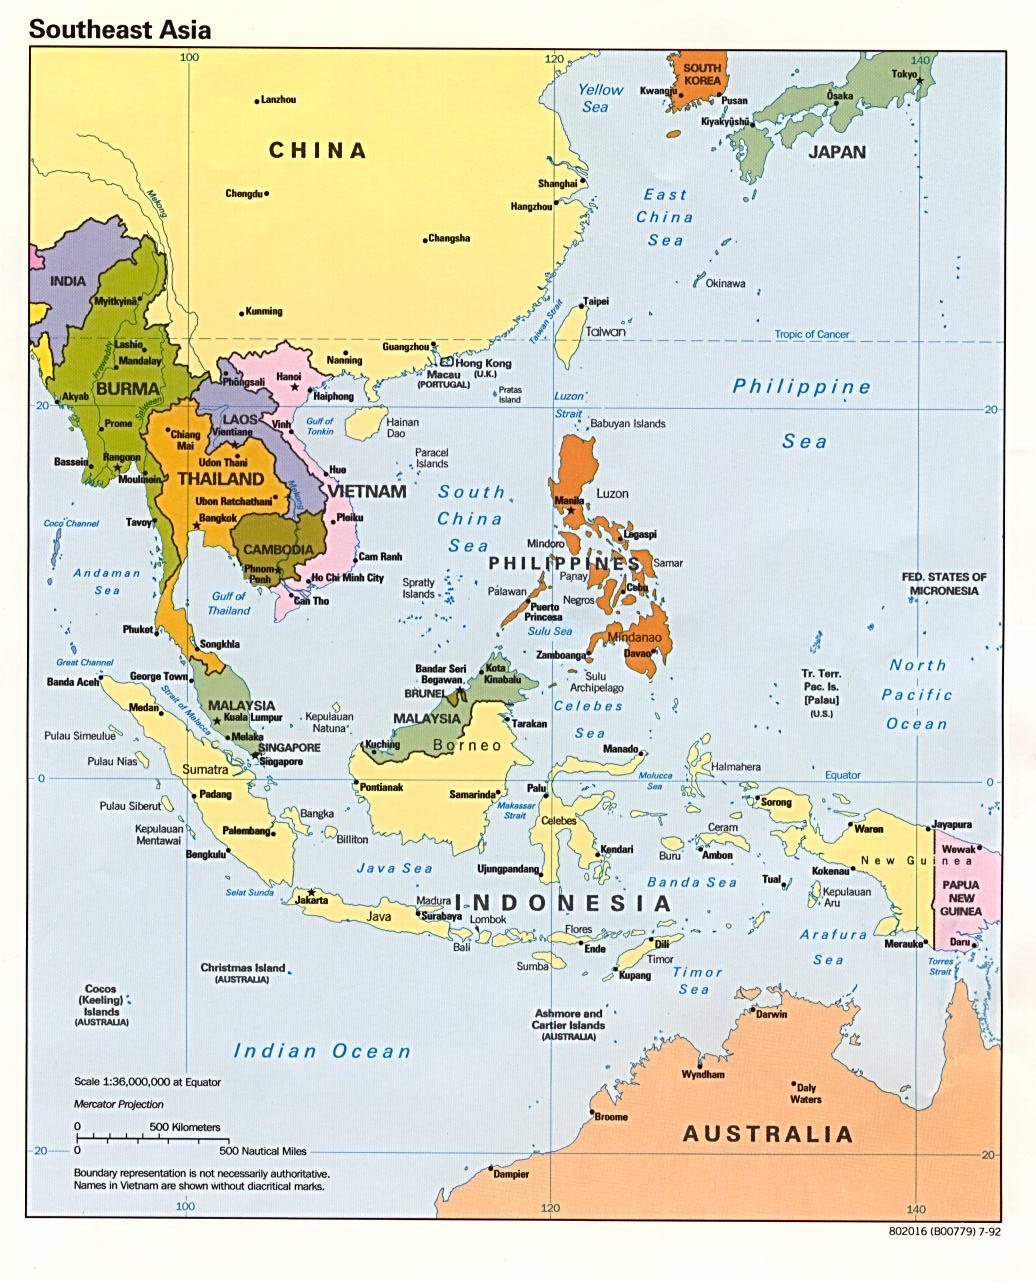 Mapa Politico del Sureste Asiático 1992